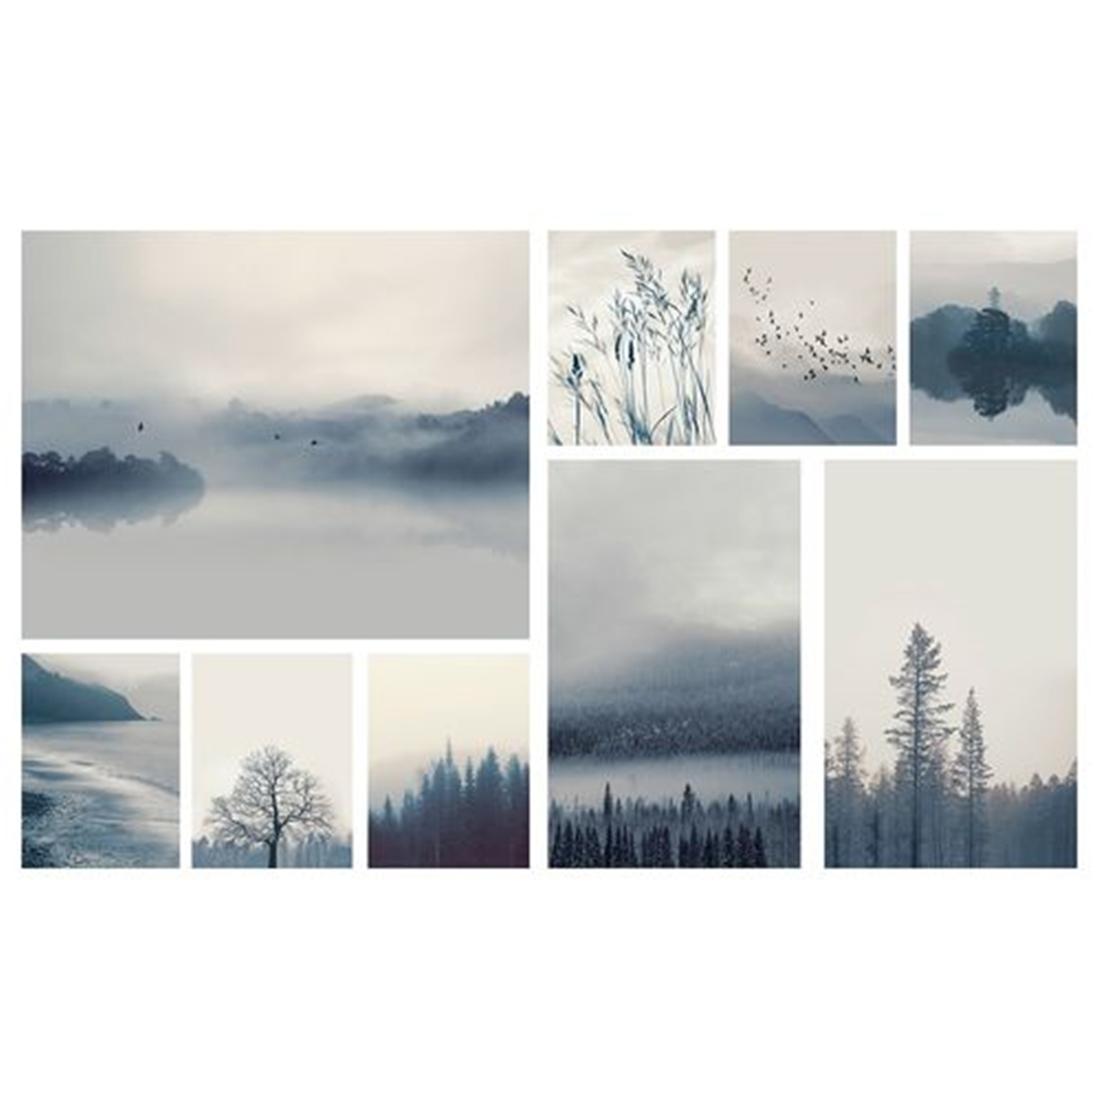 Картина, 9 шт., Пейзаж в синих тонах, 179x112 см ГРОНБИ [504.369.38] 504.369.38